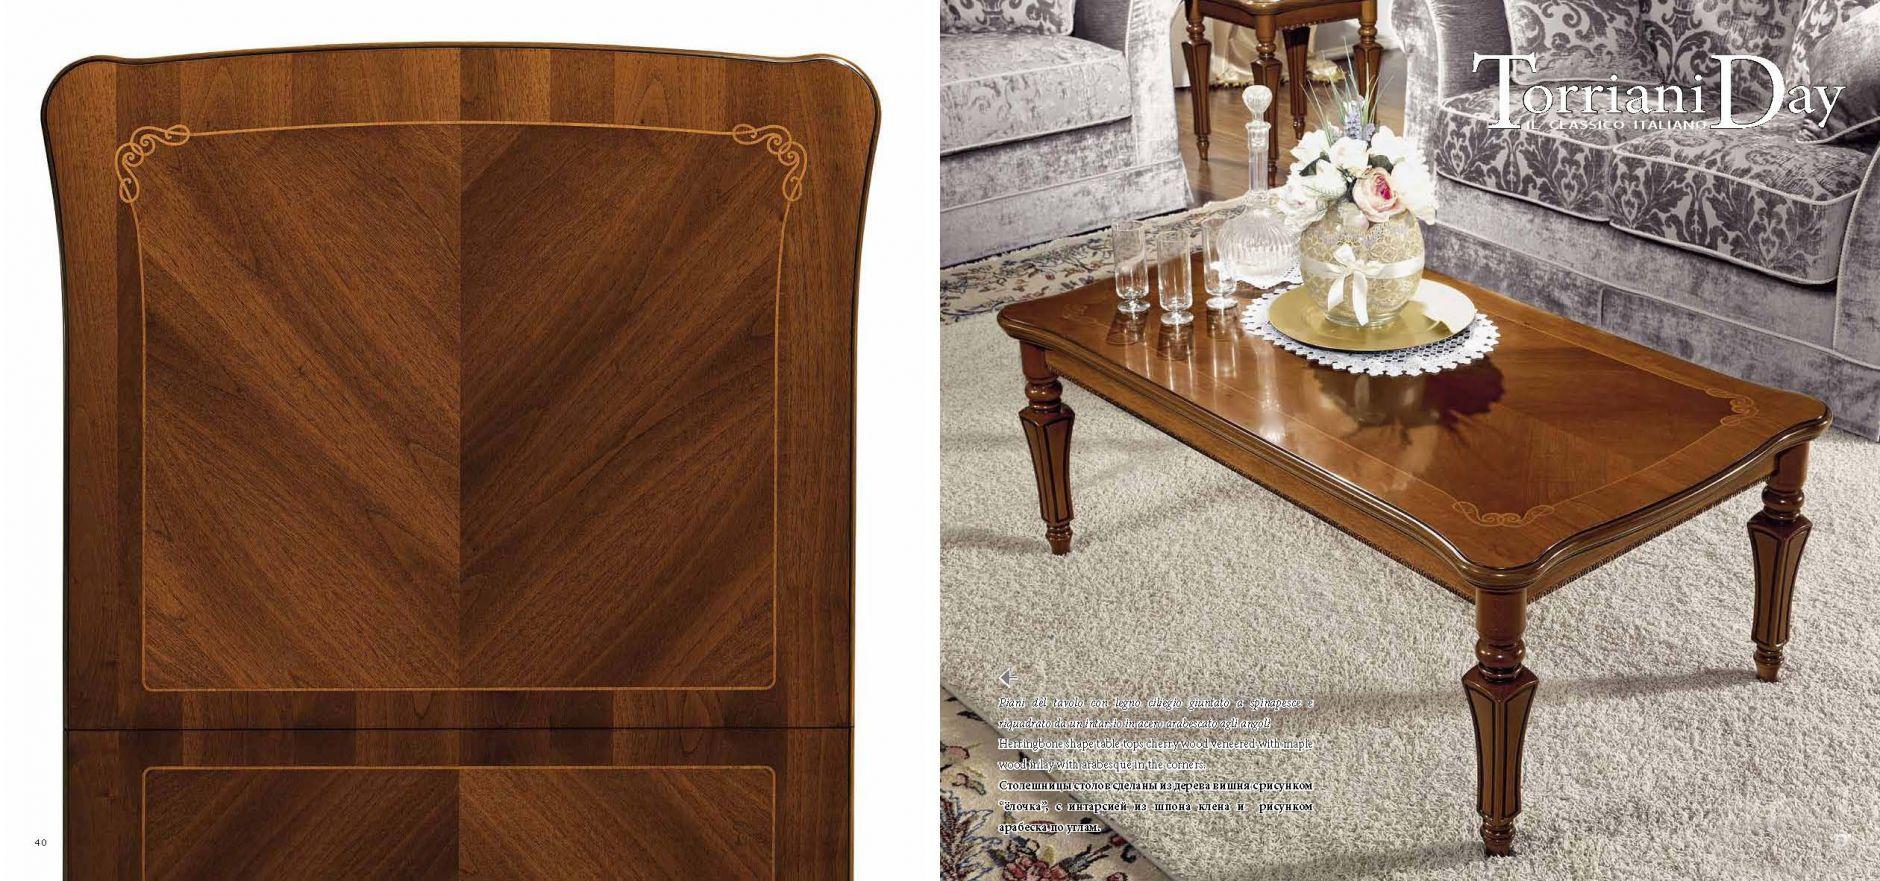 klassische m bel wohnzimmer m bel camelgroup serie tag torriani zusammensetzung 7die m bel aus. Black Bedroom Furniture Sets. Home Design Ideas